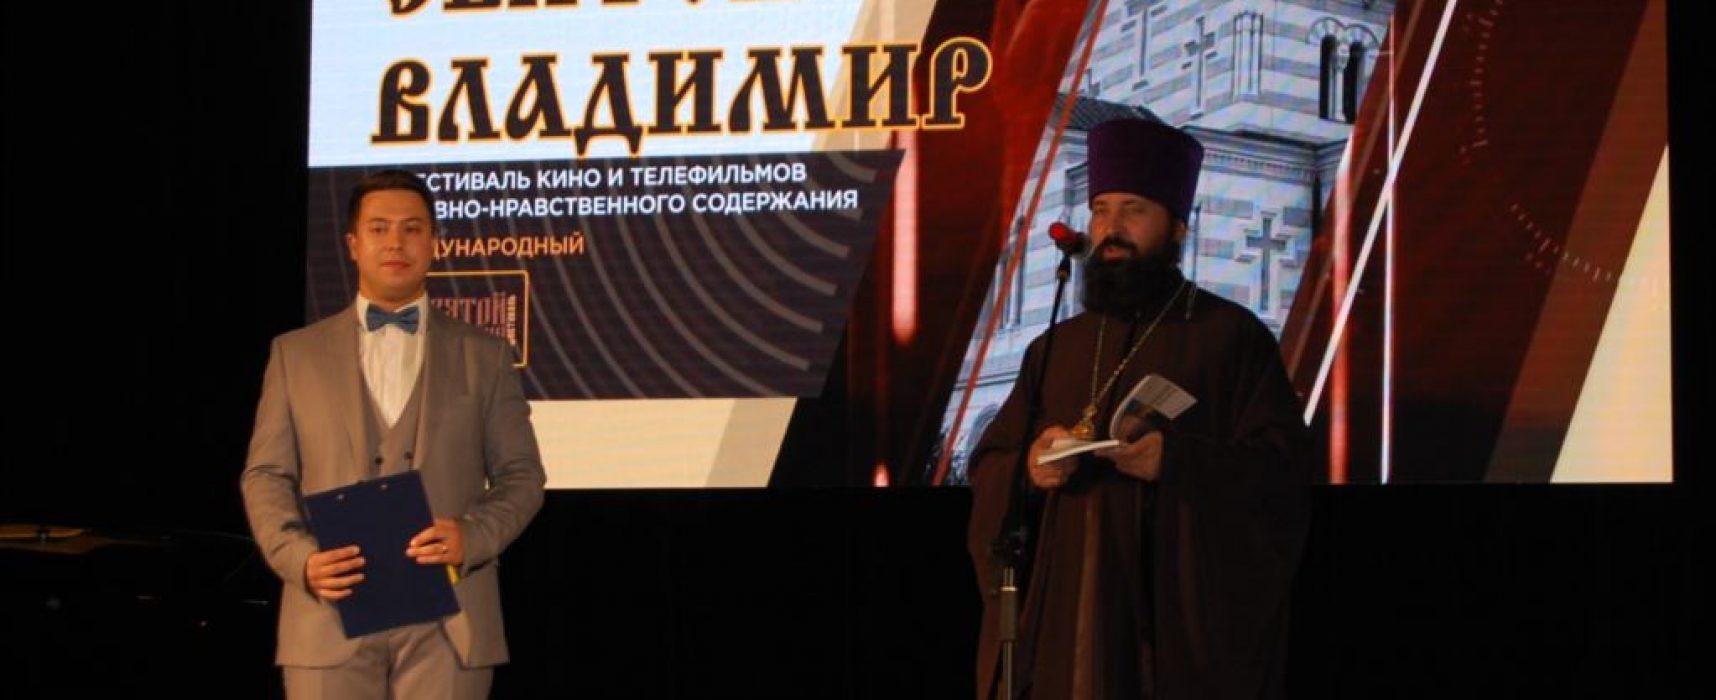 В Севастополе на кинофестивале покажут фильмы об аннексии Крыма